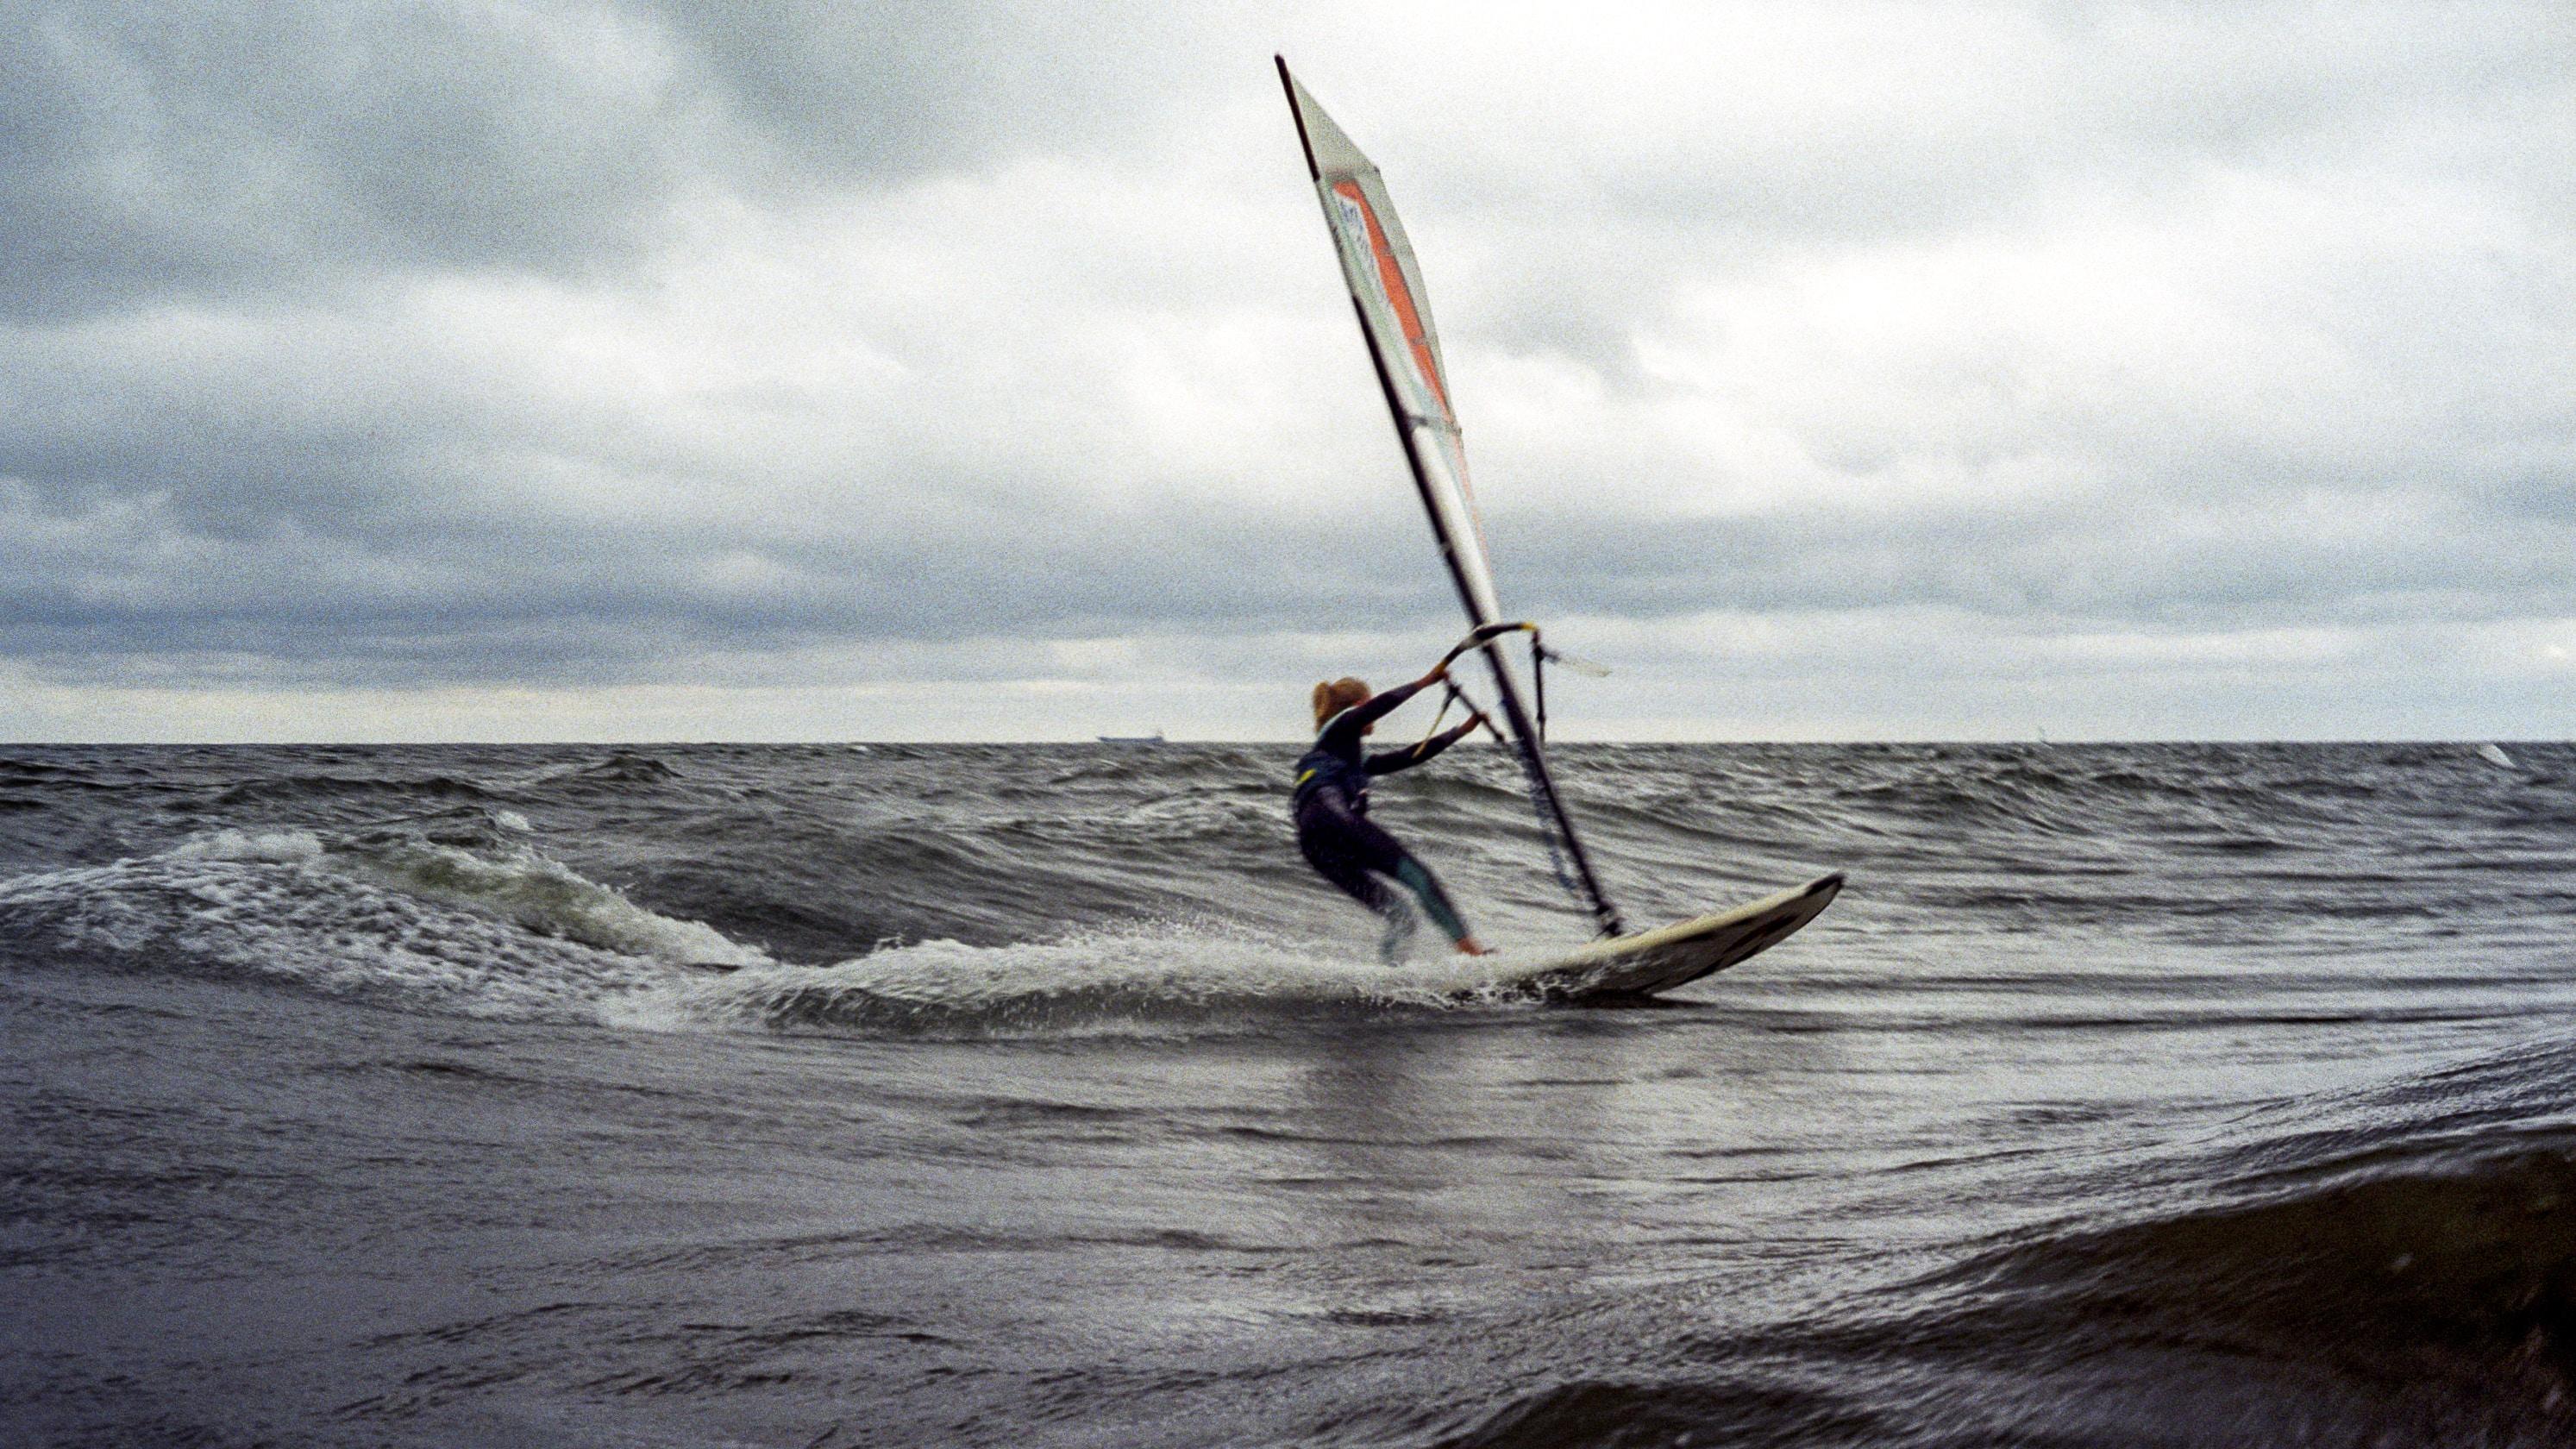 man on sailboat during daytime